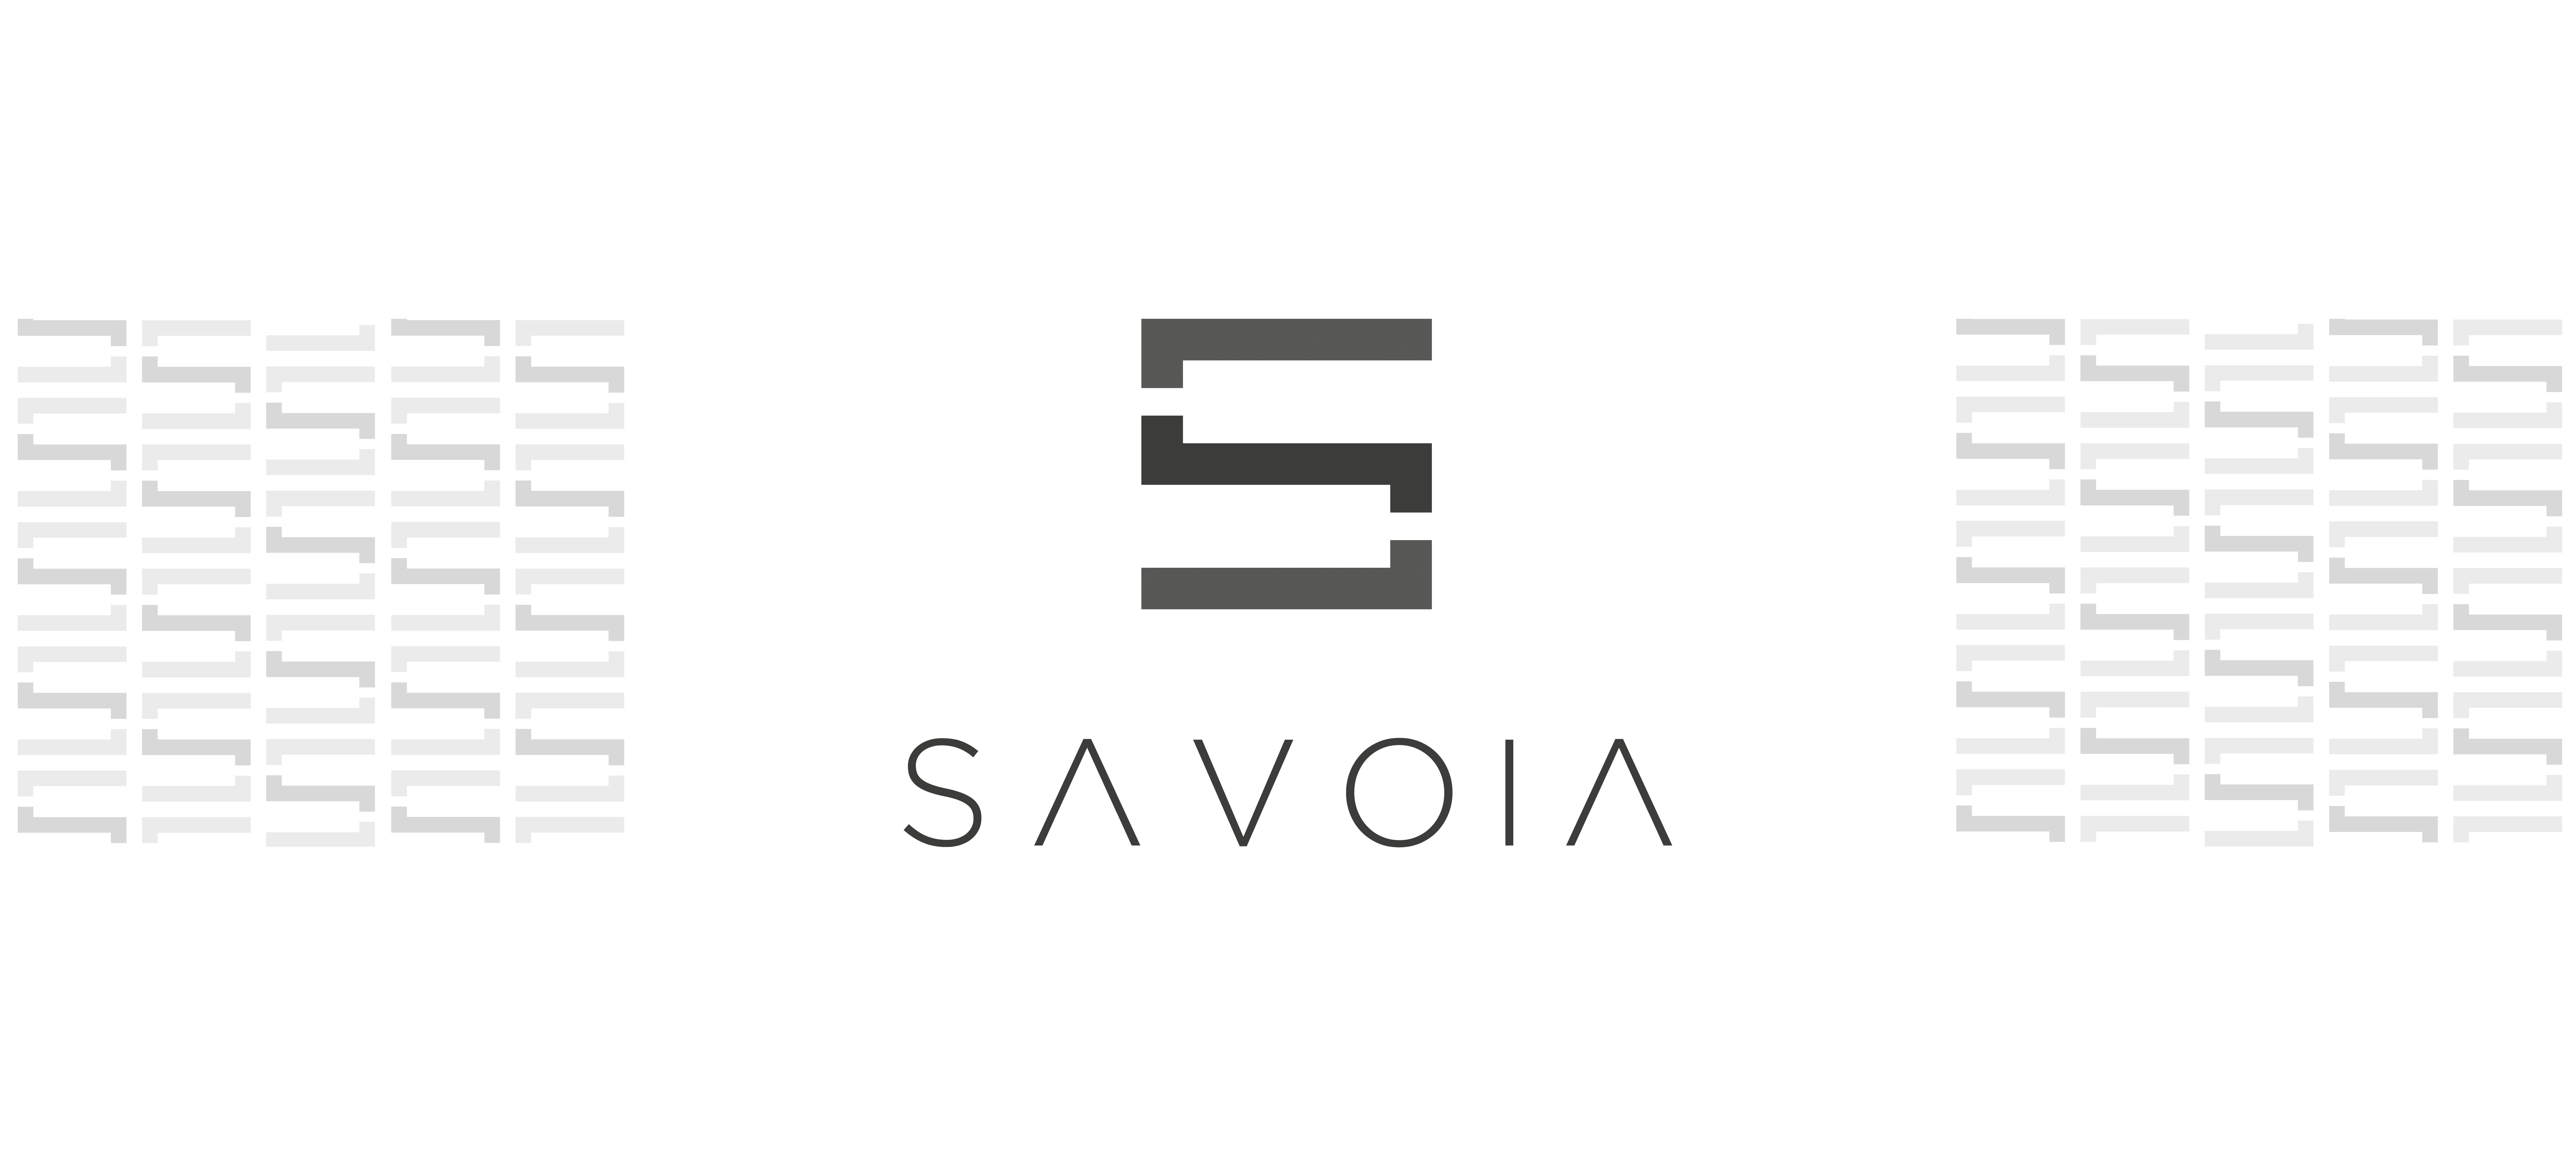 logo del brand savoia di colore grigio su sfondo bianco con ai lati il pattern della brand identity design